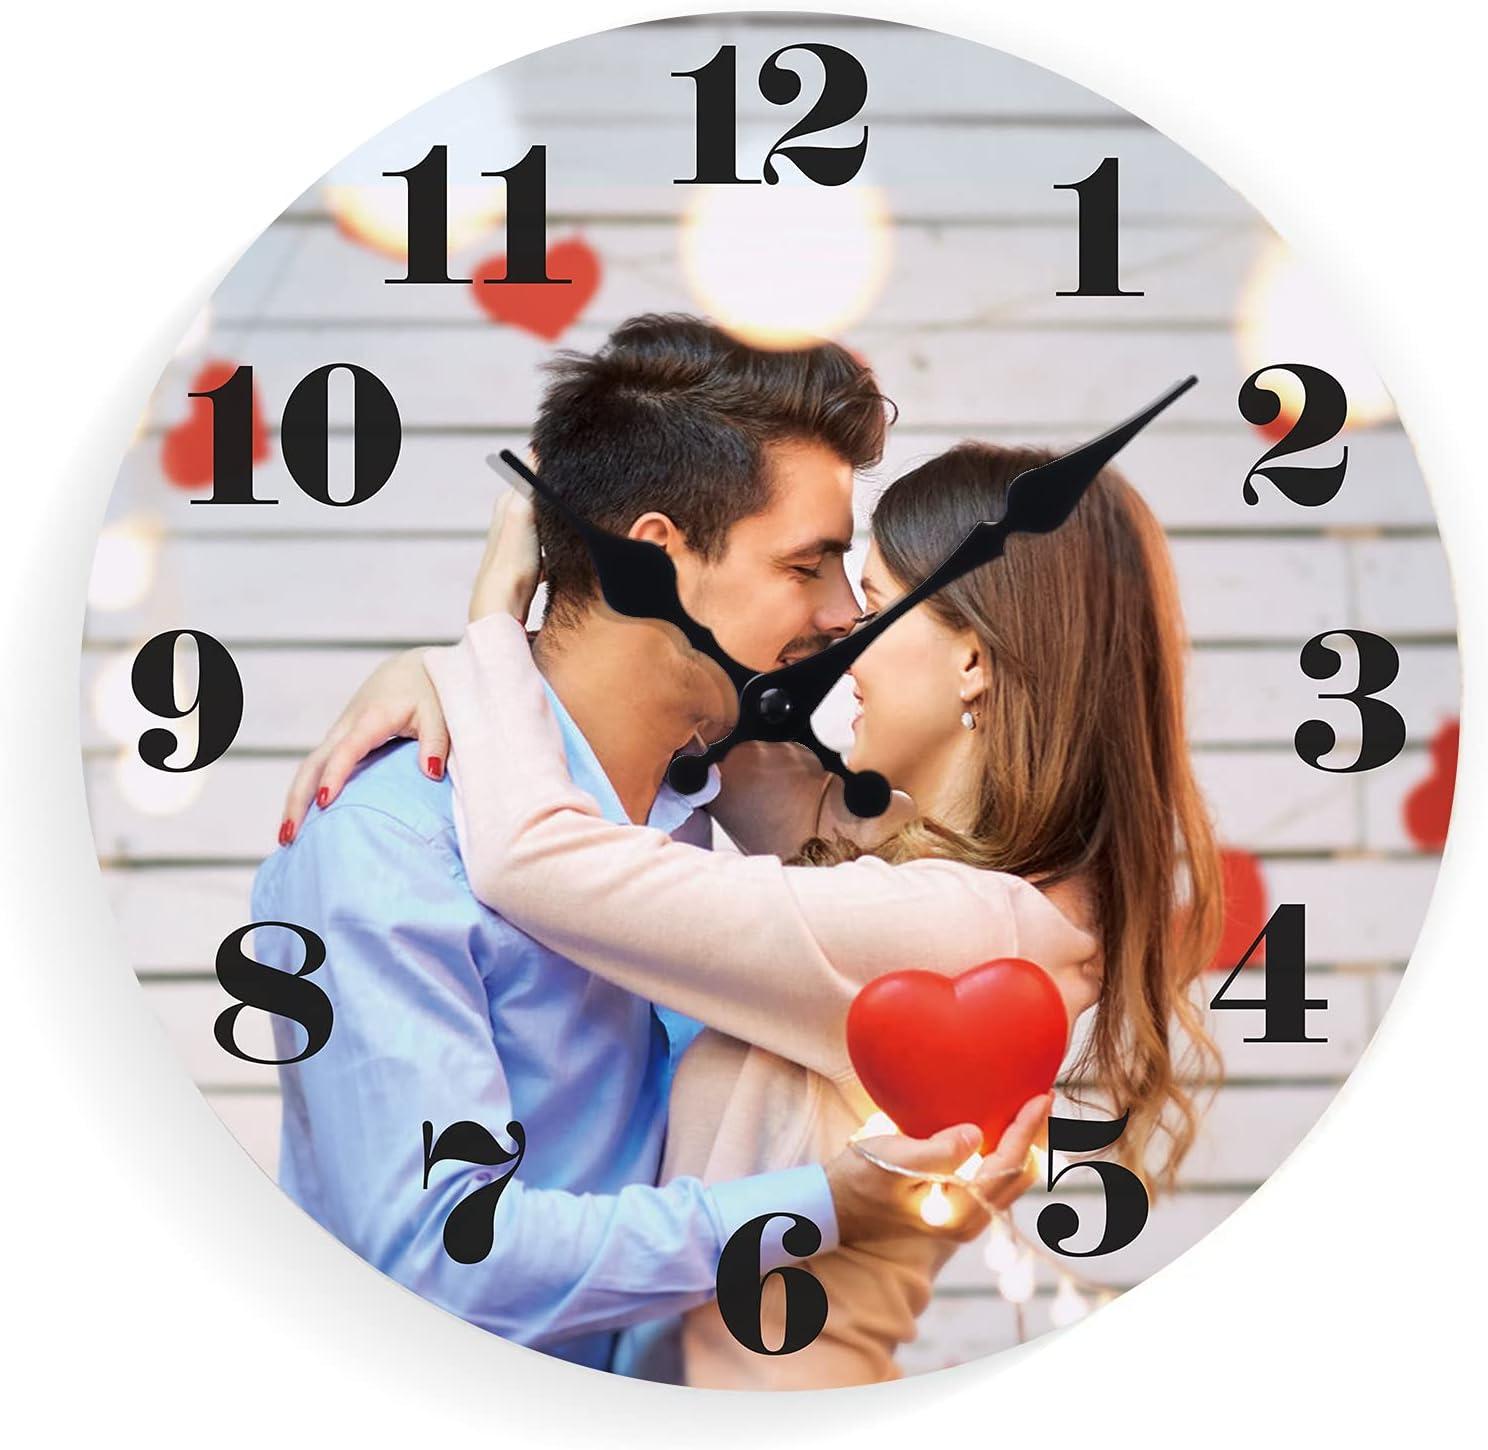 CGFN Reloj de pared con foto personalizada, reloj de pared sin sonido de tictac, reloj creativo con foto personalizable, para cocina/dormitorio/sala de estar/oficina